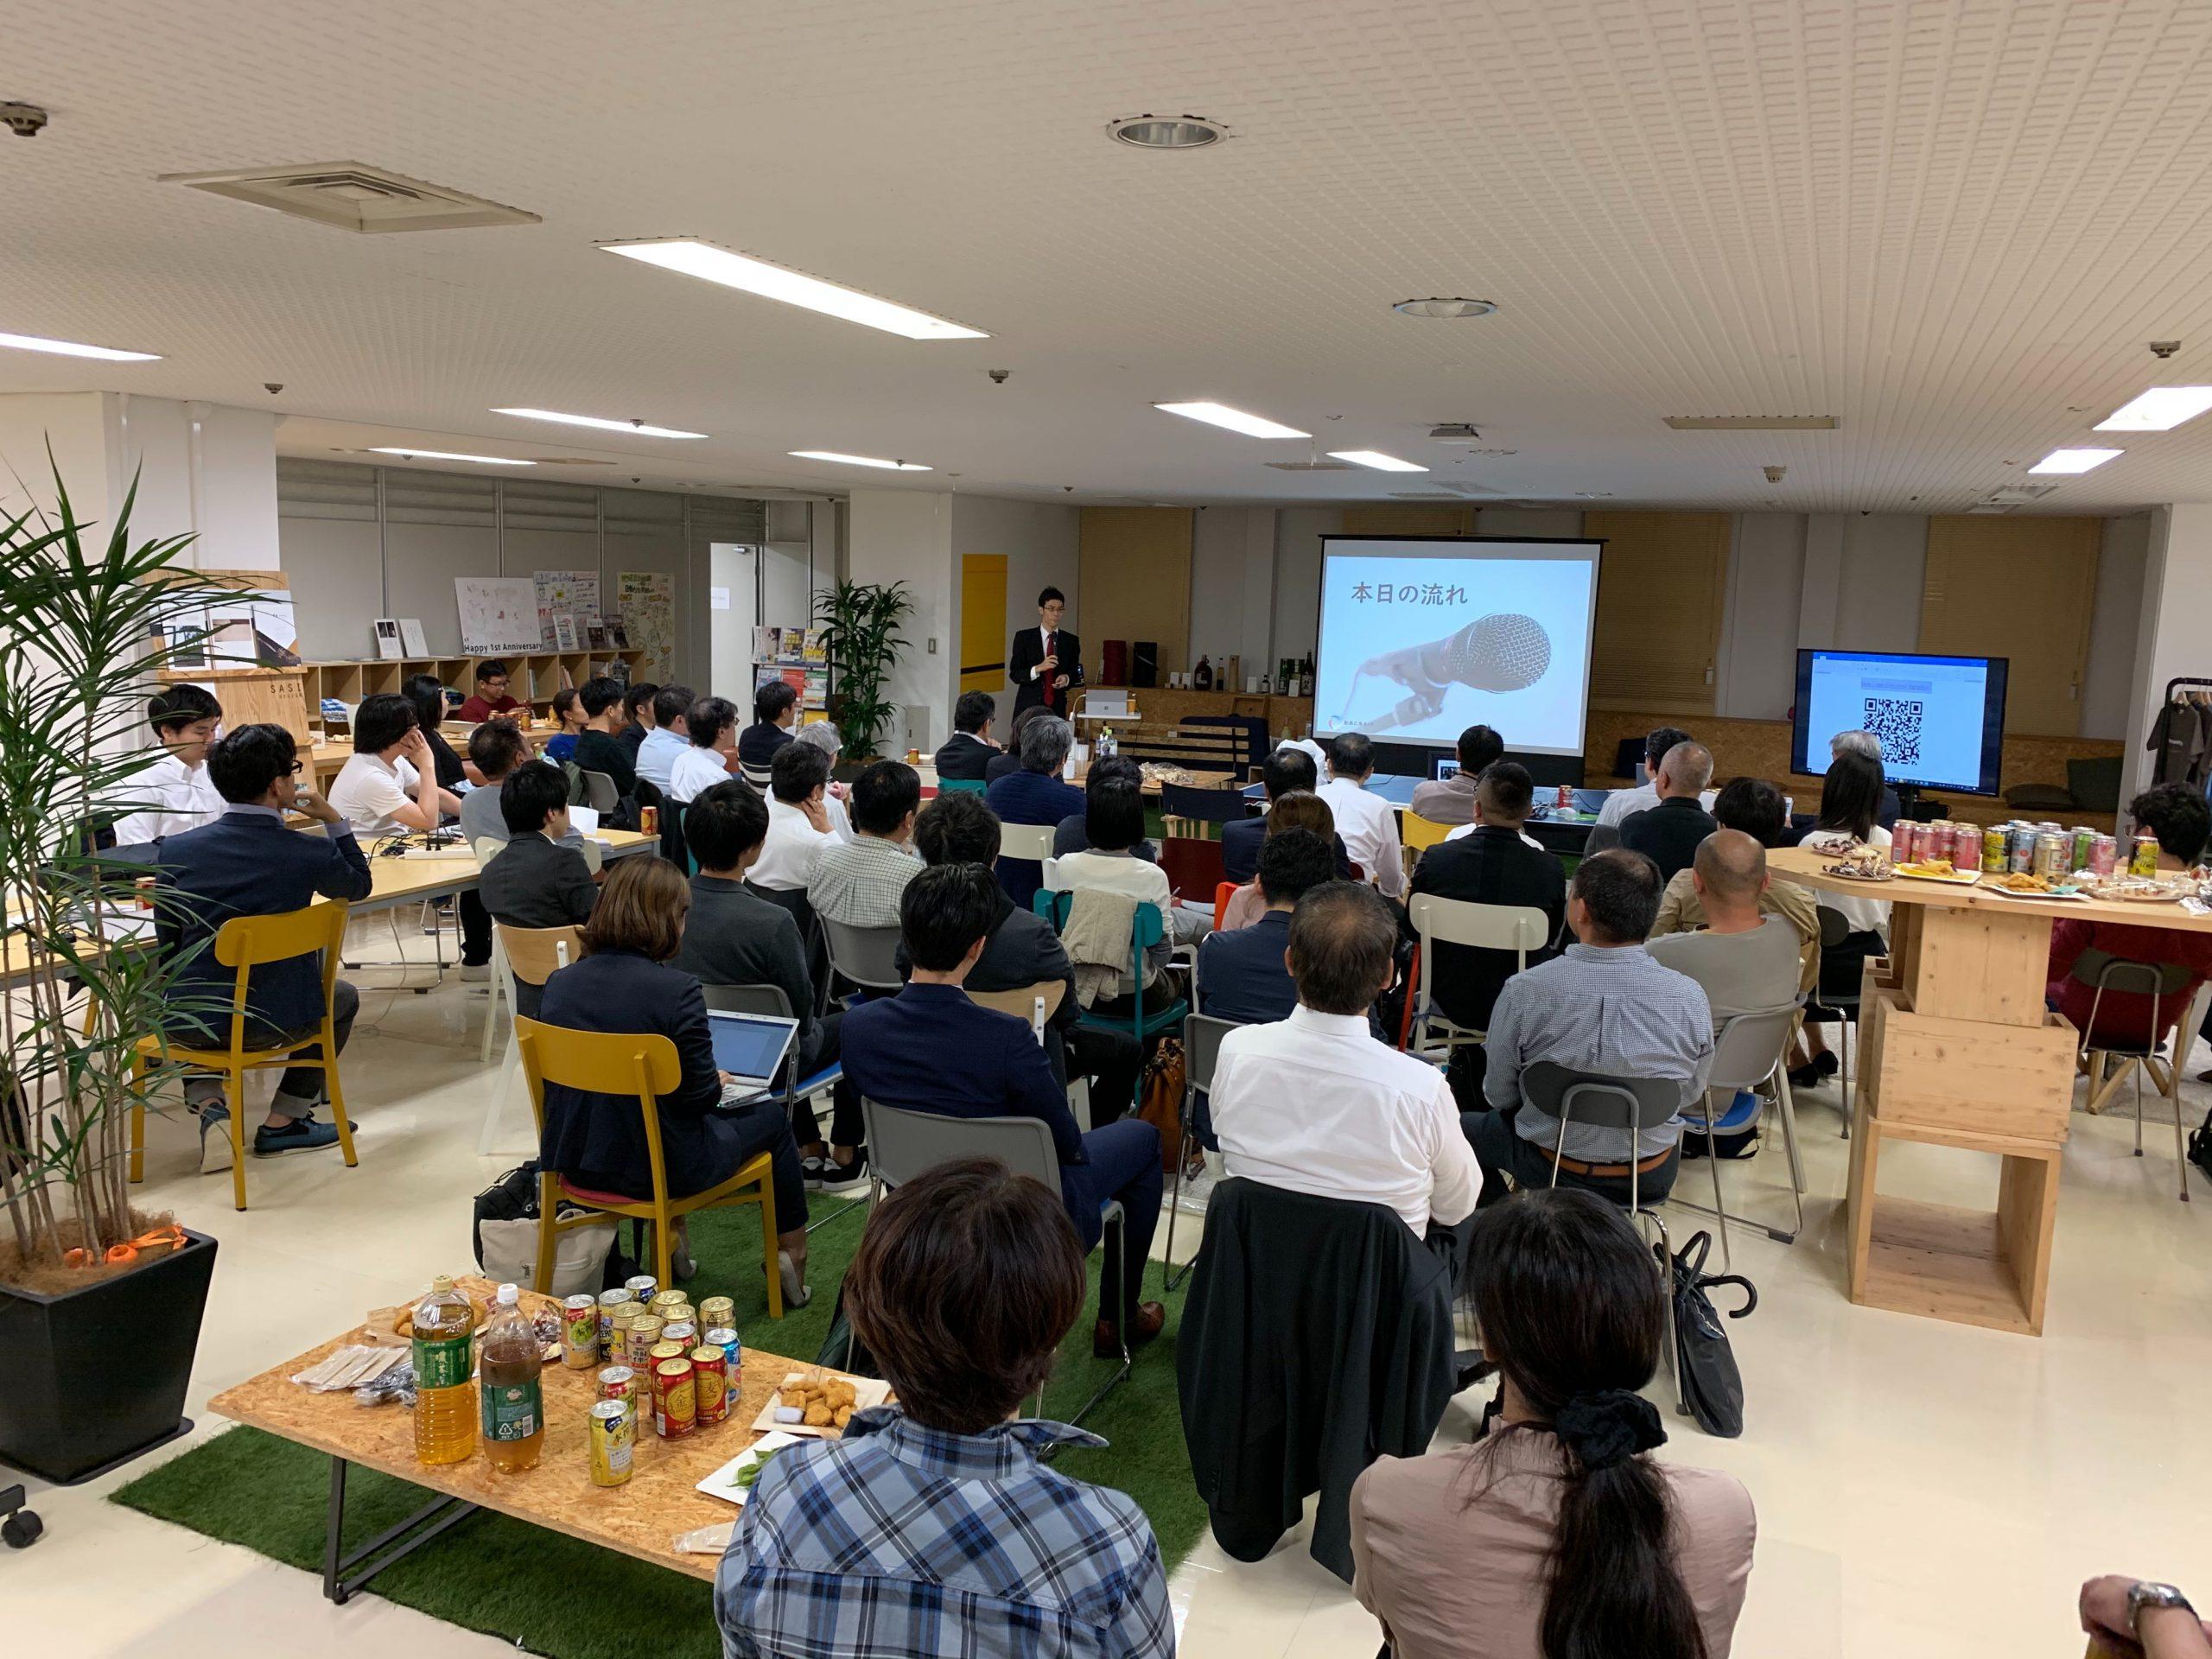 神戸コワーキングスペース起業プラザひょうごKOBE Entrepreneur Meetup1